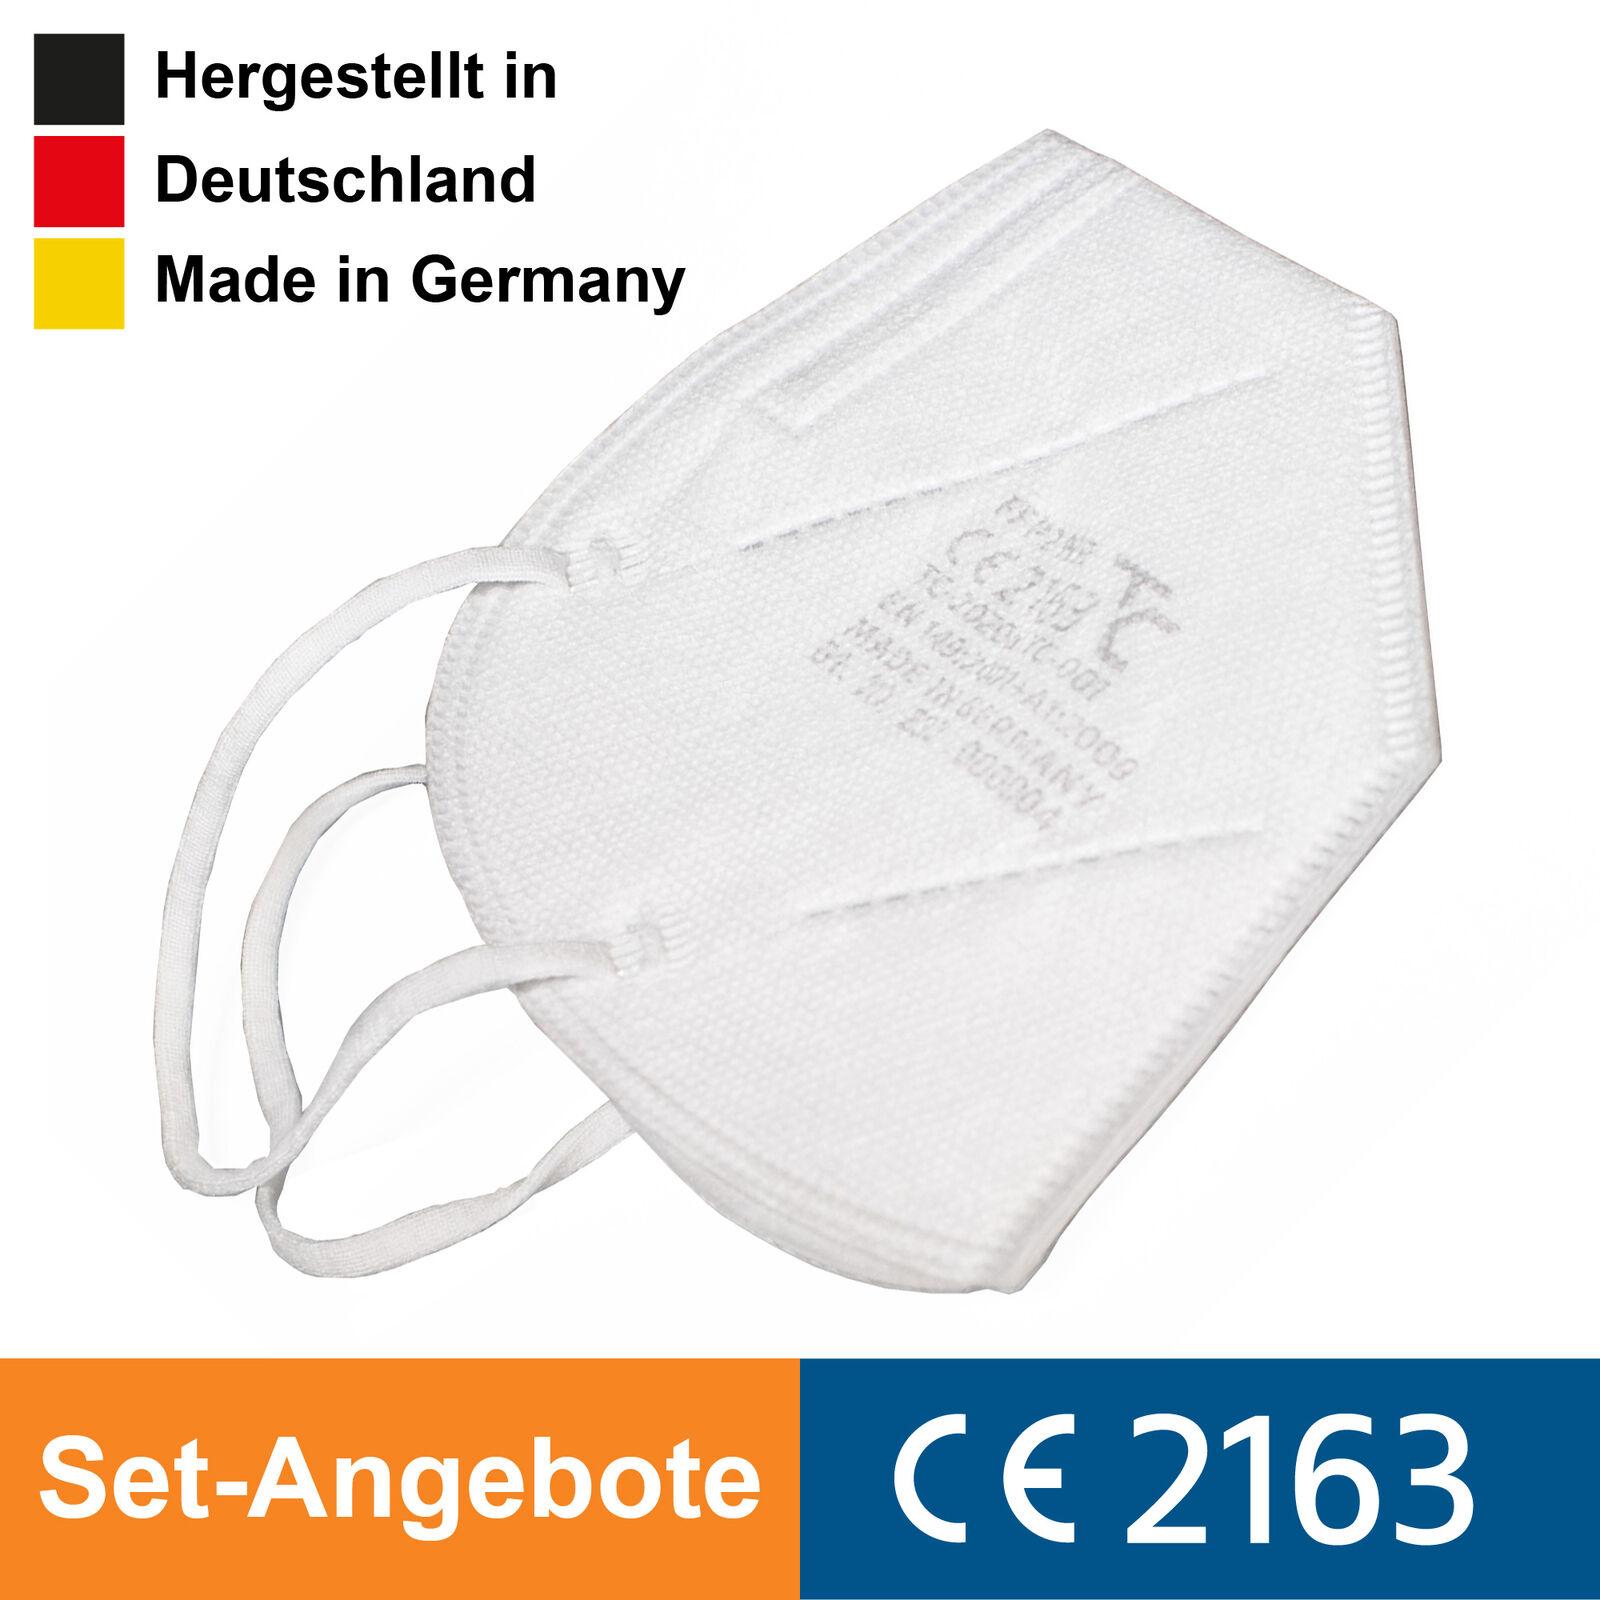 FFP2 Maske deutsche Herstellung Atemschutzmaske Mundschutz zertifiziert CE 2163